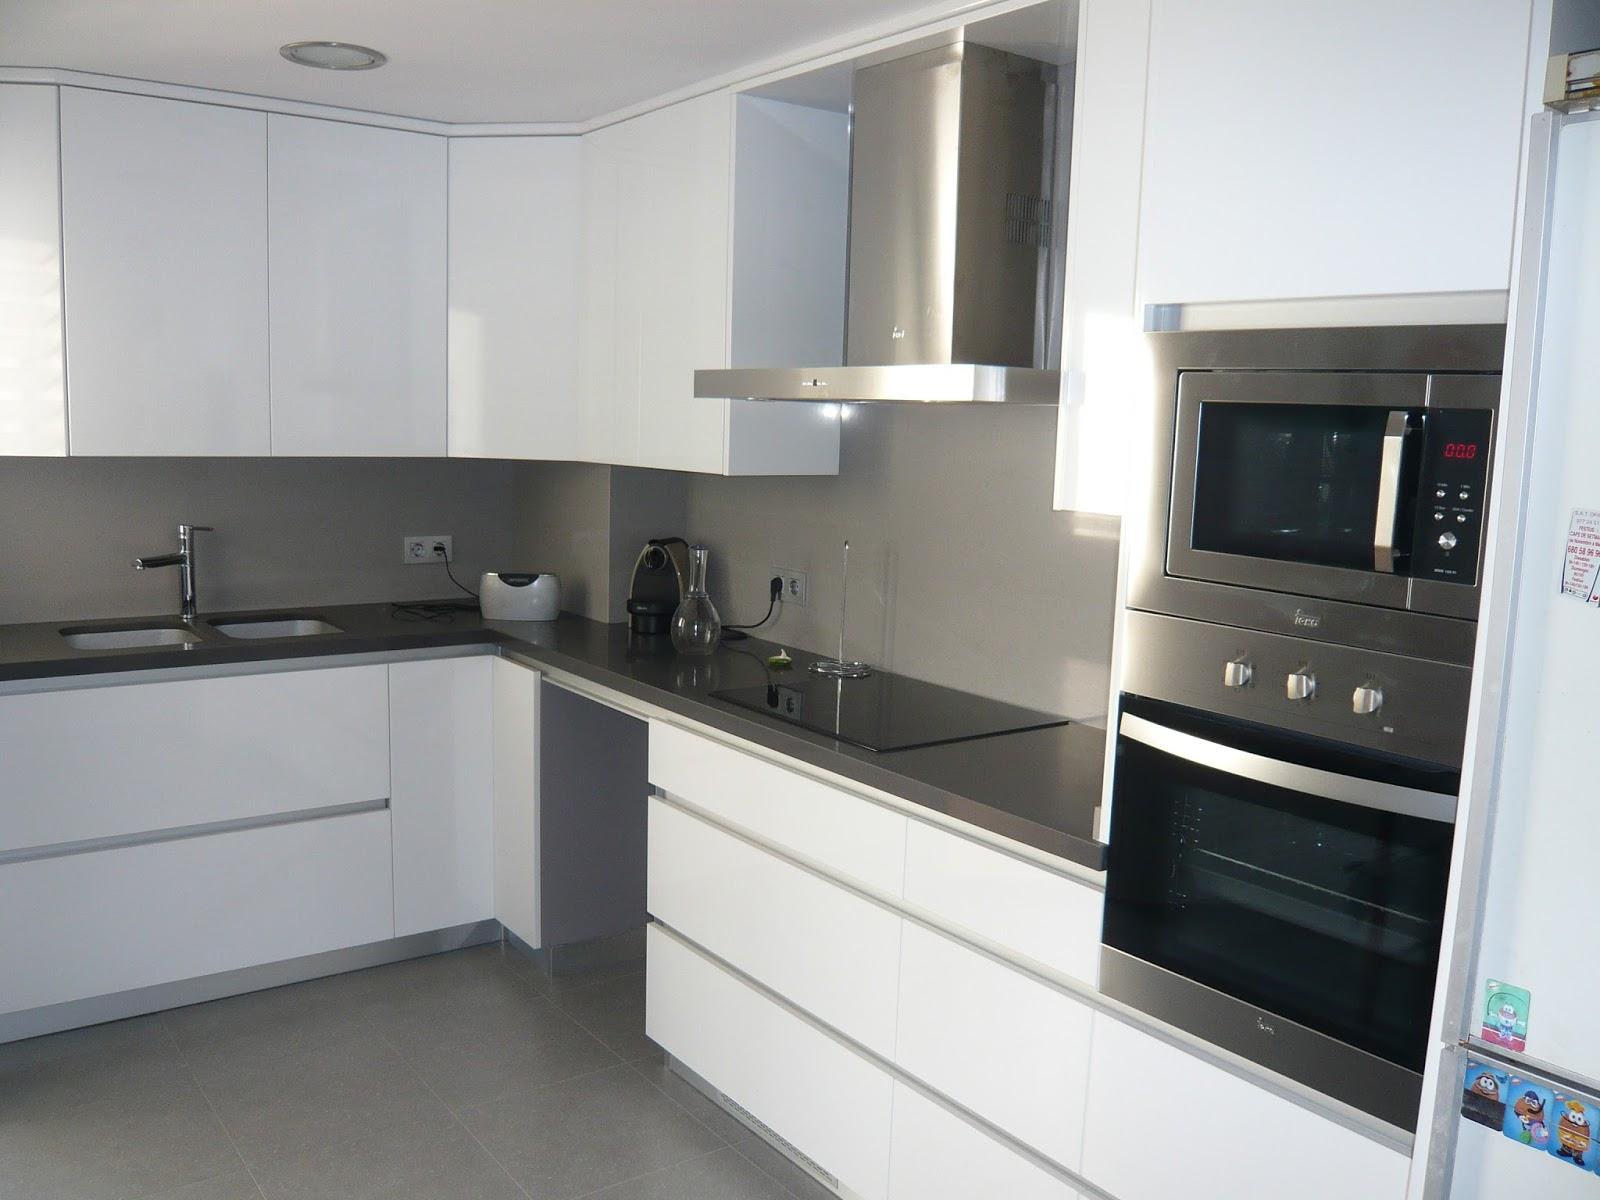 Reuscuina muebles de cocina sin tiradores con vidriera for Ver muebles de cocina